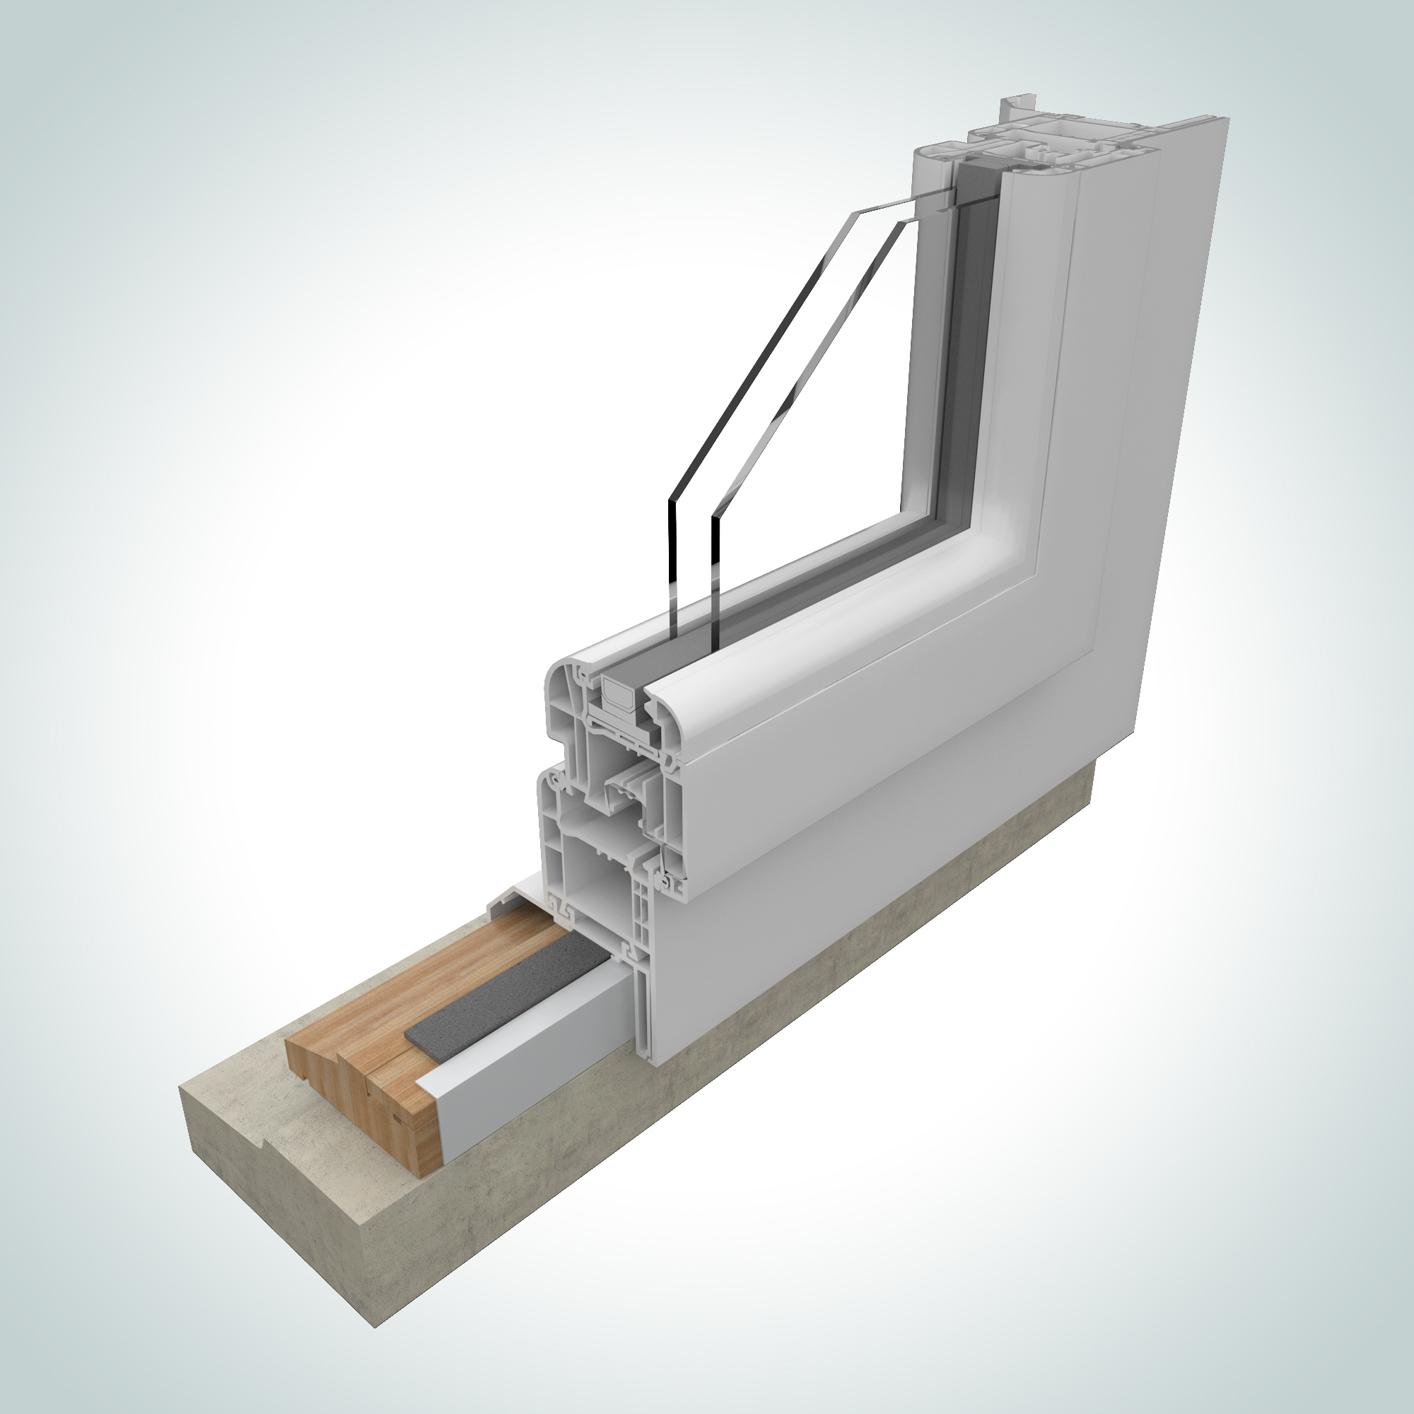 Dripmoon-archvis-graphiste3D-design-produits-images-3D-modelisation-fenetres (2)